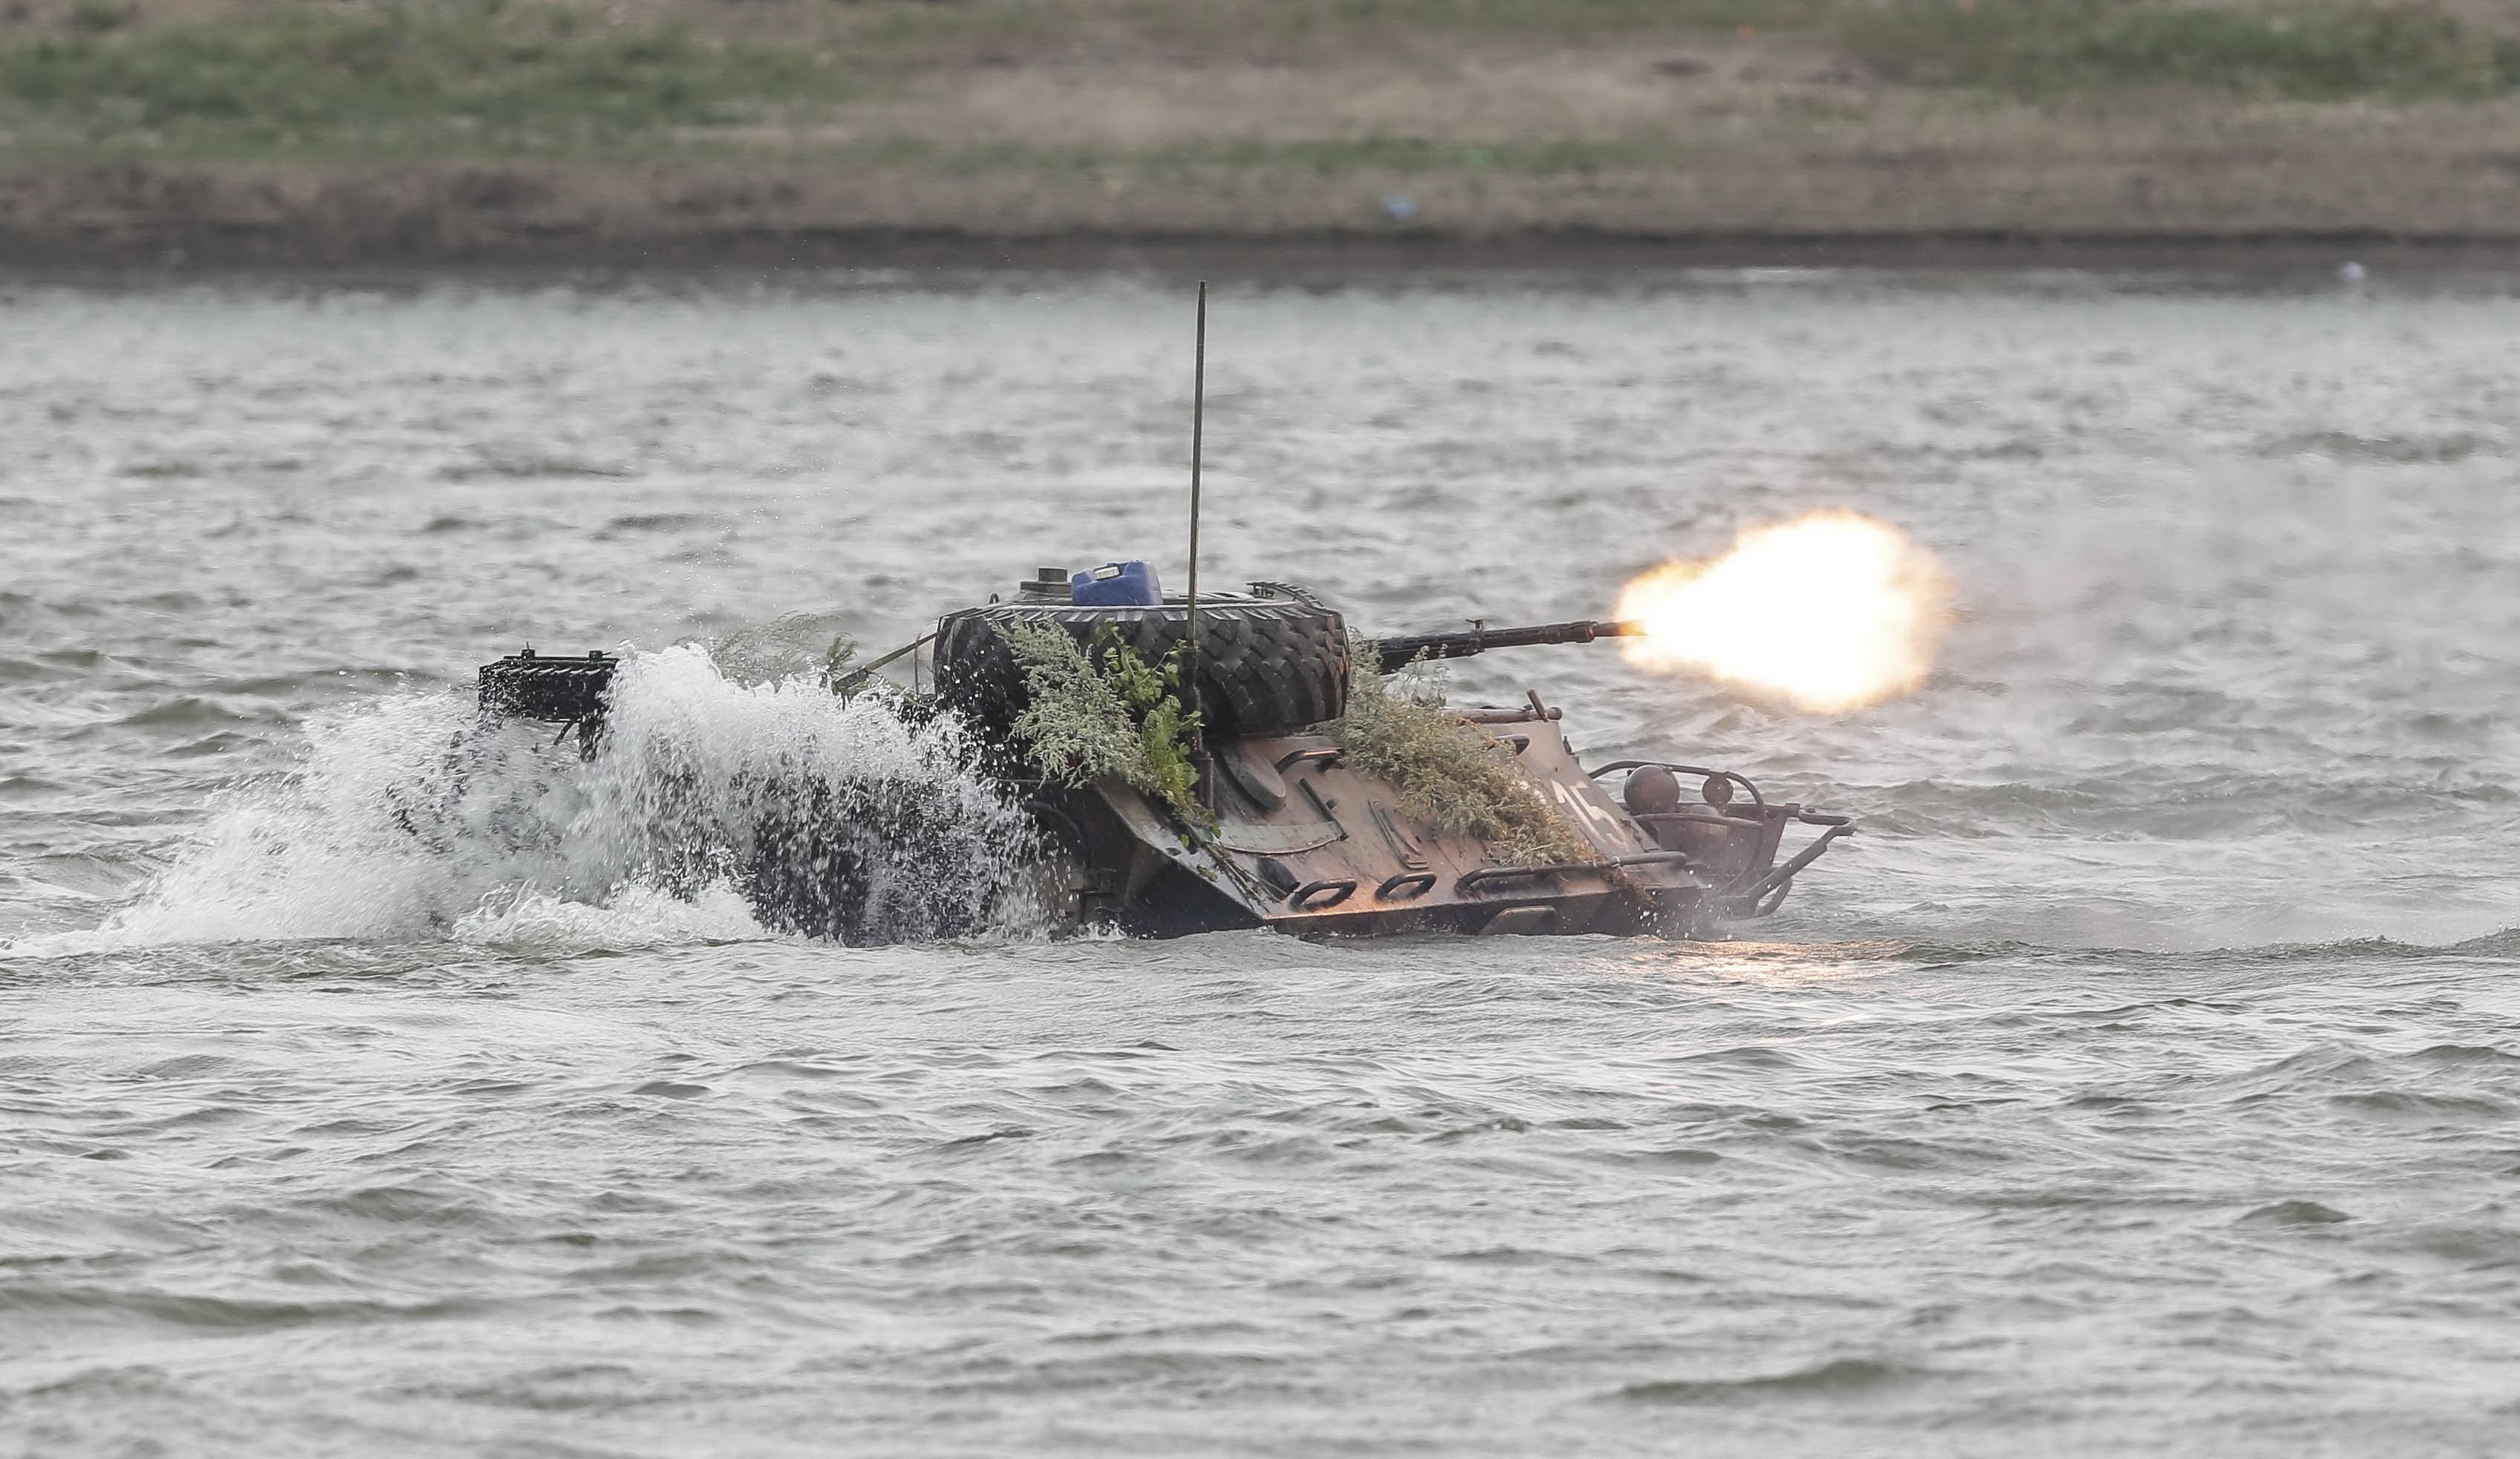 Un TAB s-a scufundat in Dunare in timpul aplicatiei Saber Guardian